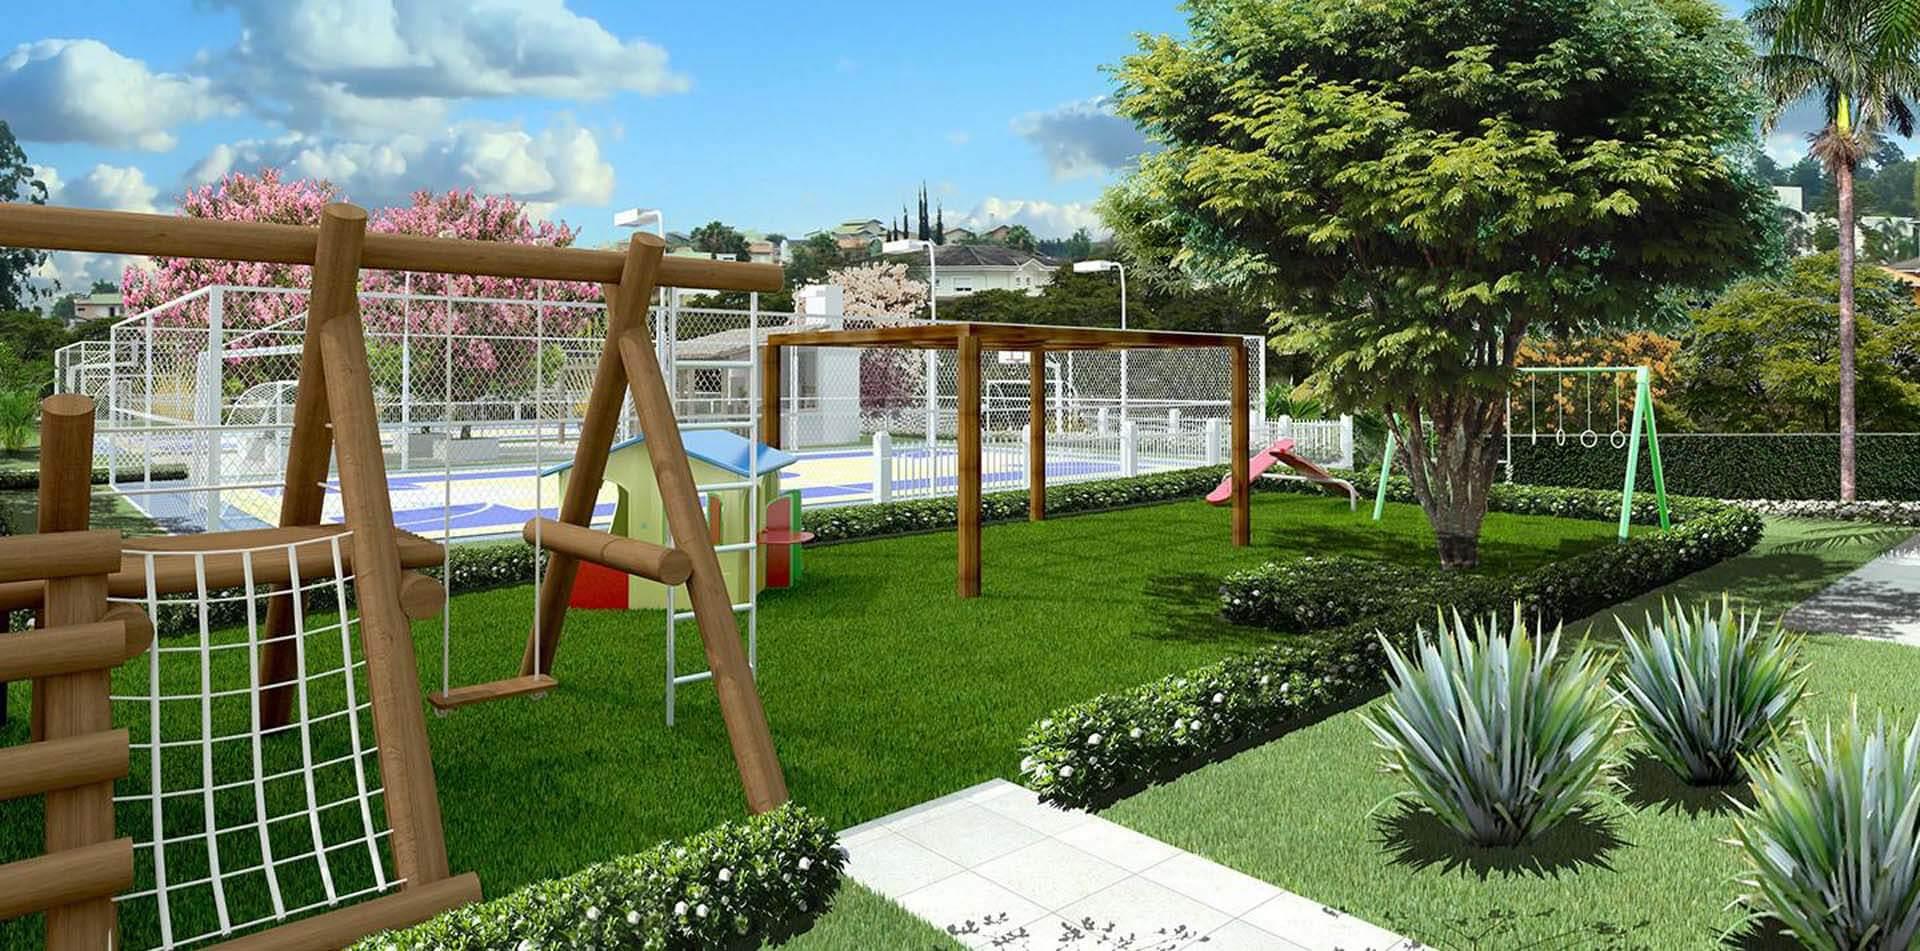 34-Playground.jpg